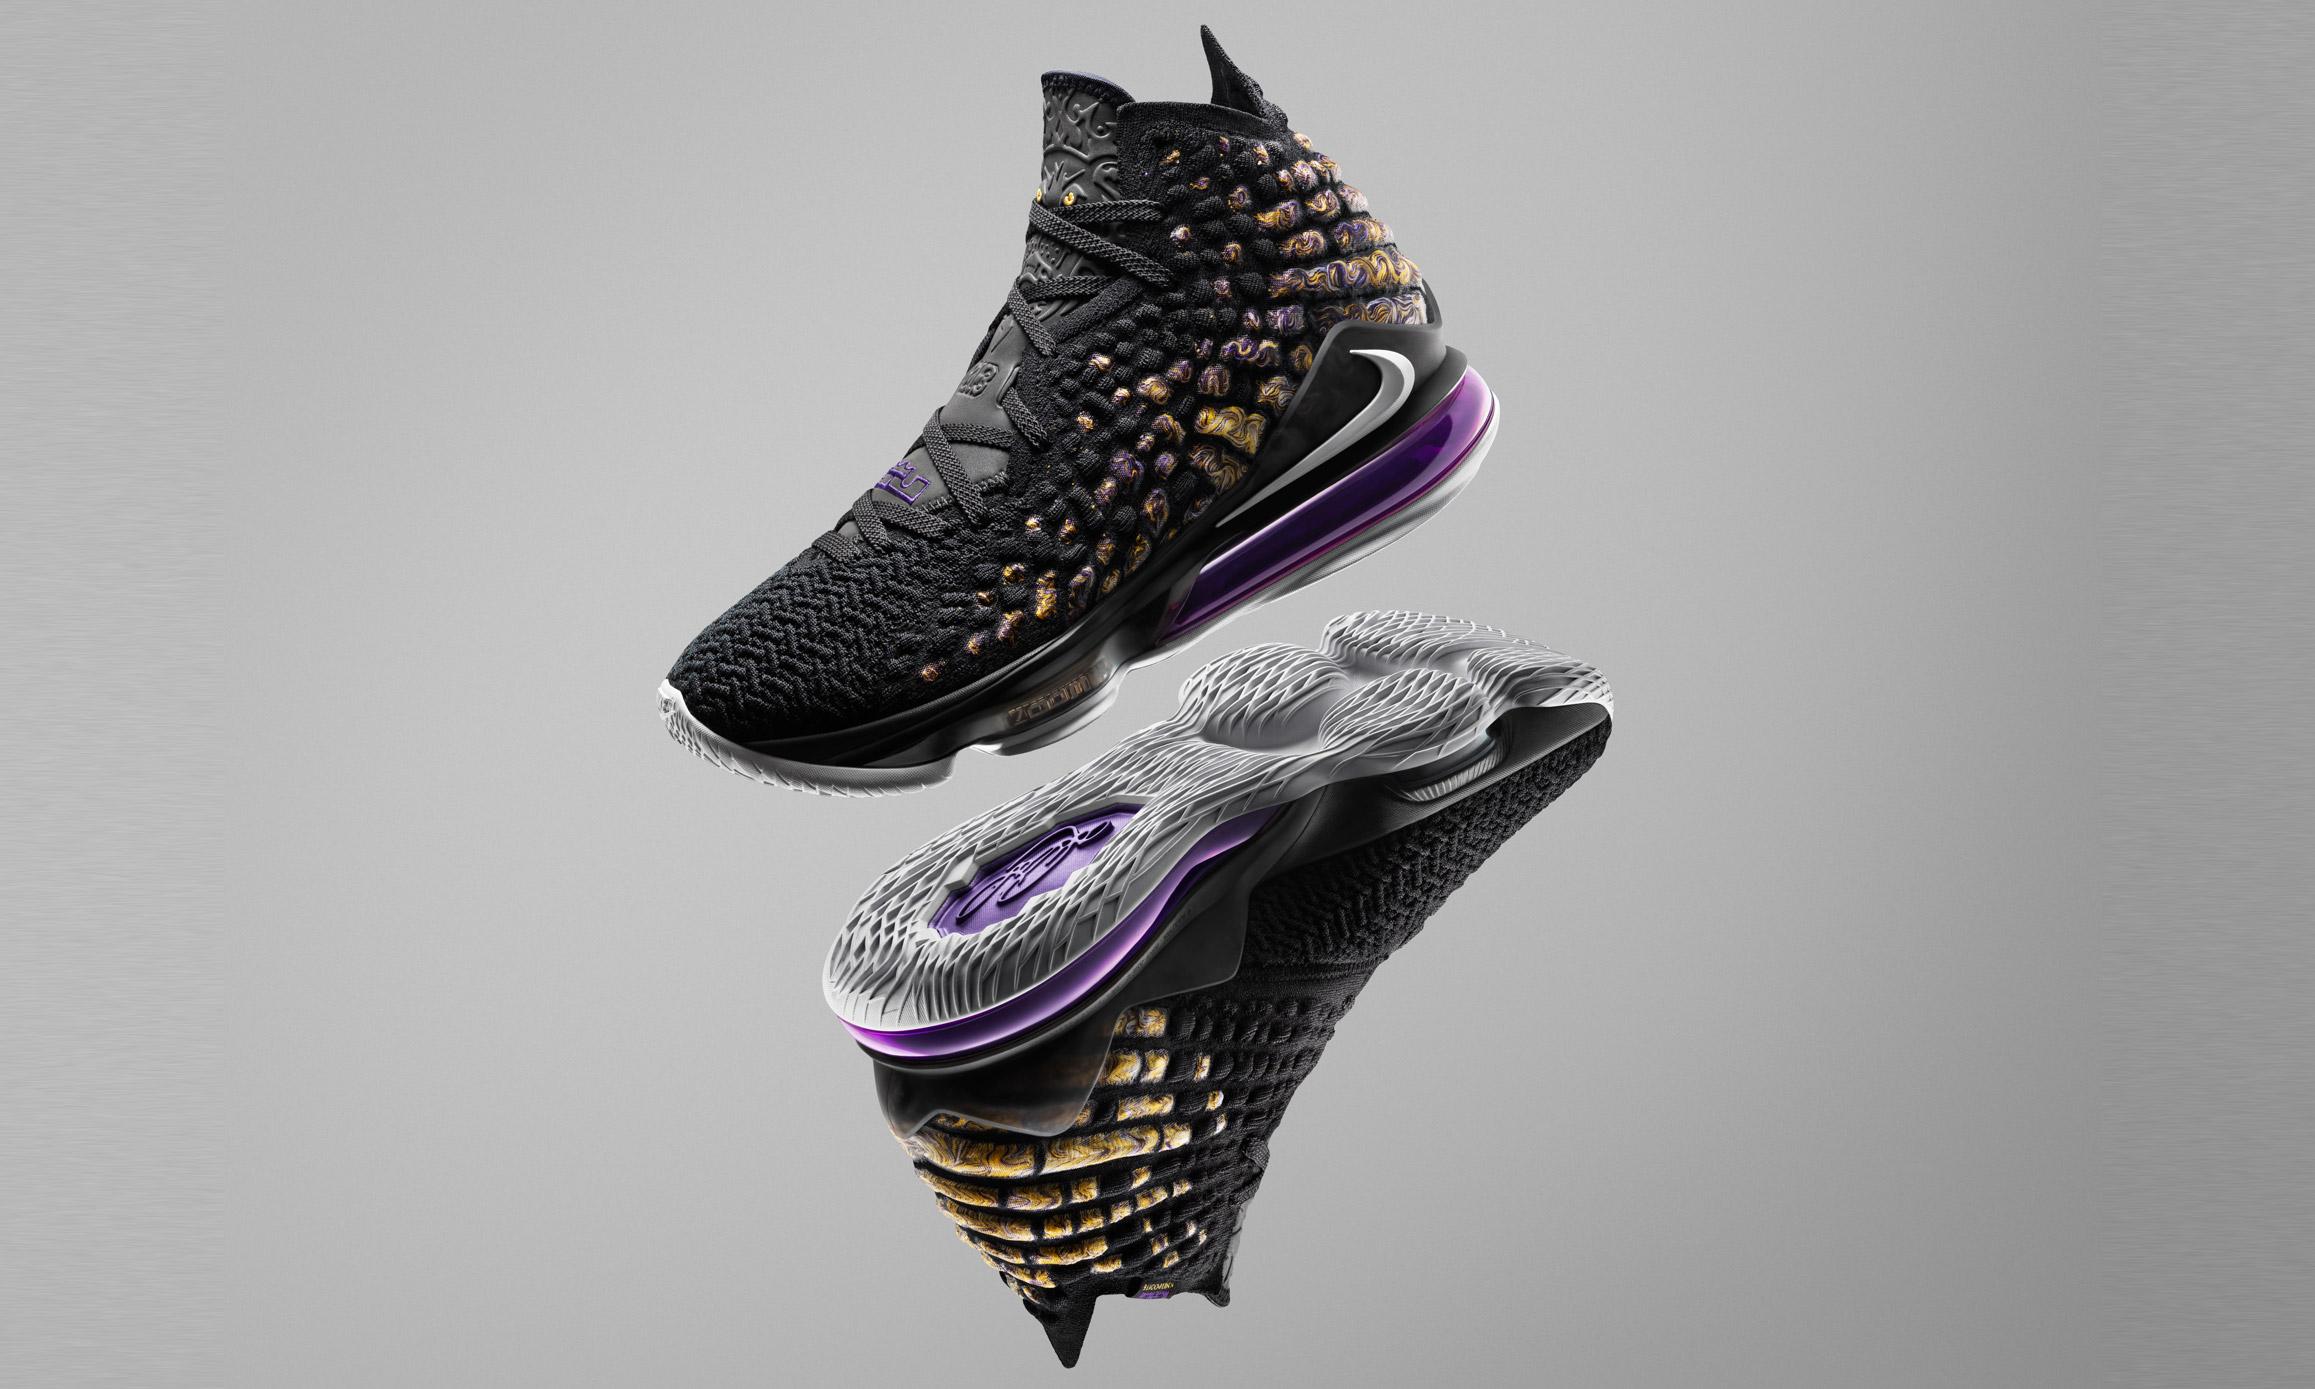 砥砺前行,勒布朗全新战靴 Nike LEBRON XVII 荣耀登场